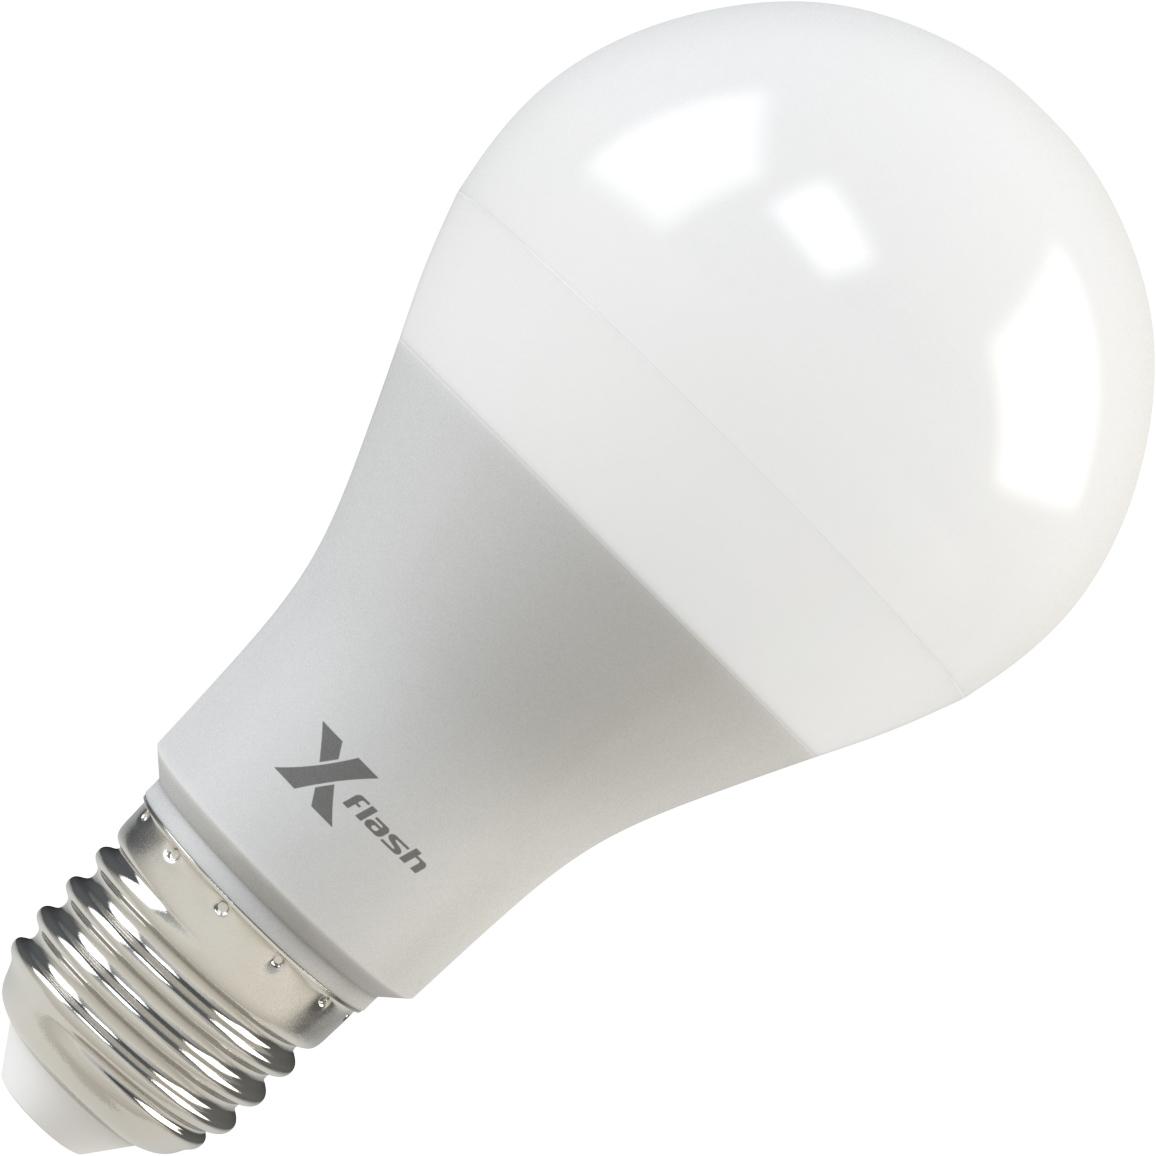 Лампа светодиодная X-flash Xf-e27-a65-p-12w-4000k-12v 10шт лампа светодиодная x flash xf e27 r90 p 12w 3000k 220v 10шт